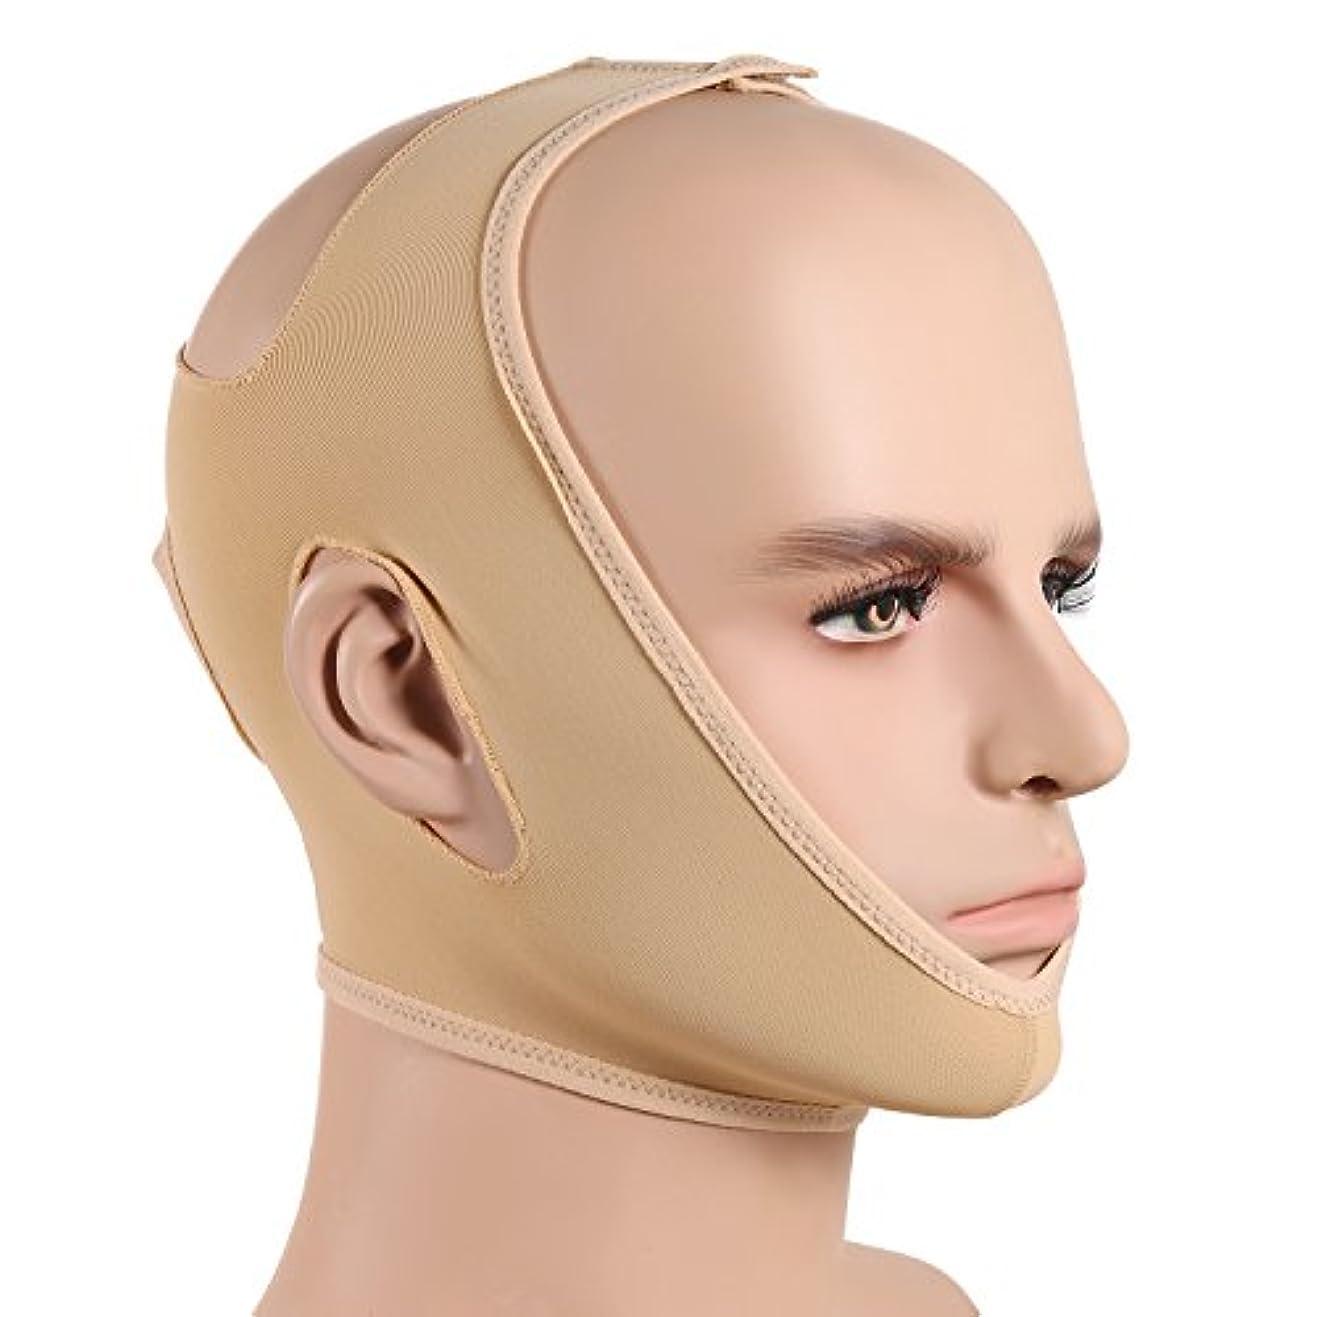 神聖詩フェンスJewelryWe 小顔ベルト 美顔マスク 眠りながら 小顔 矯正 額、顎下、頬リフトアップ 小顔マスク 男女兼用 Lサイズ